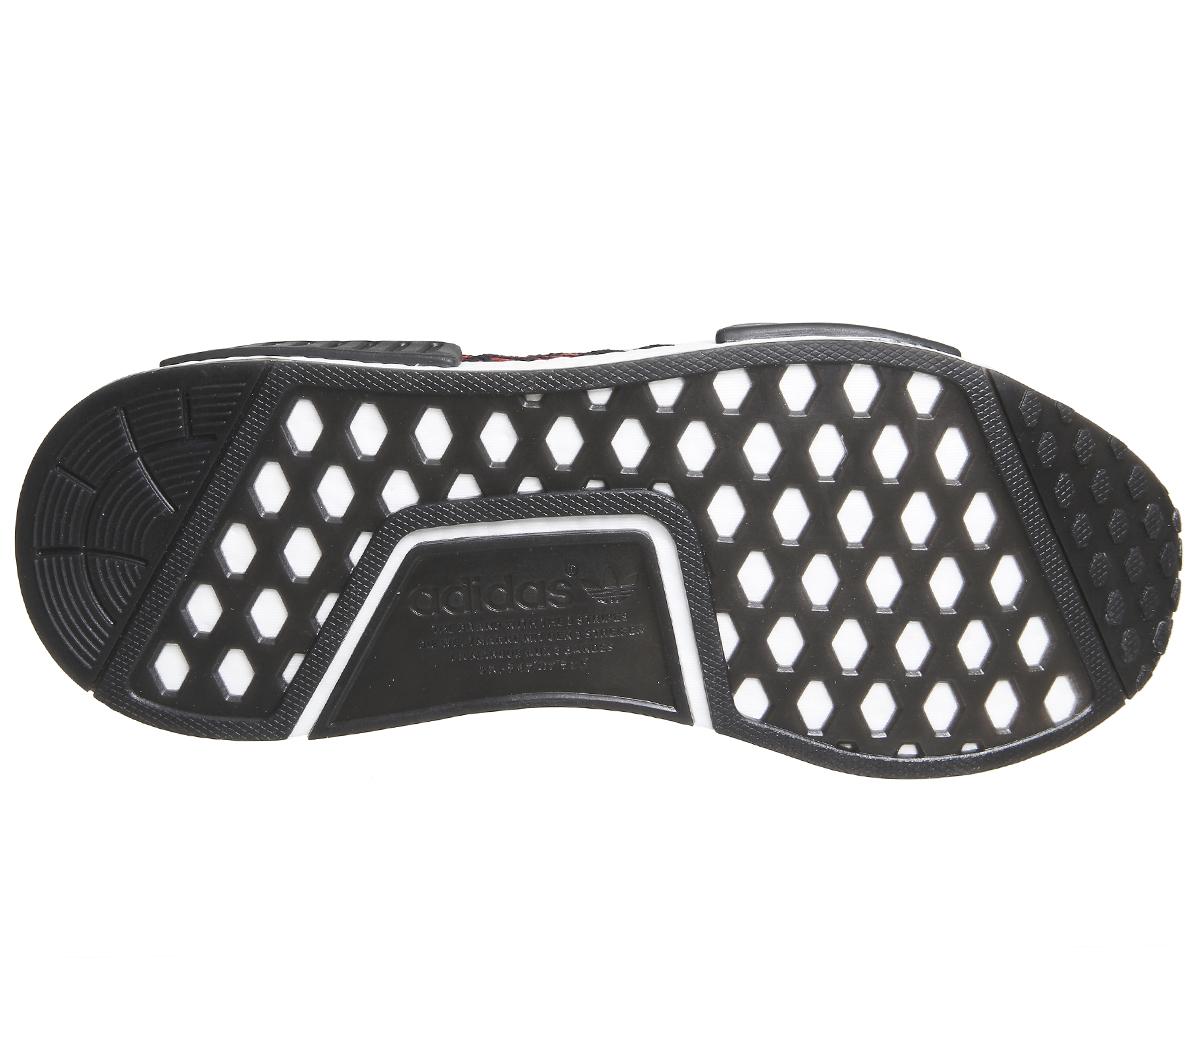 cheaper 0ef72 e3b79 CENTINELA Adidas Nmd R1 primer punto central negro rojo zapatillas zapatos.  CENTINELA Miniatura 7